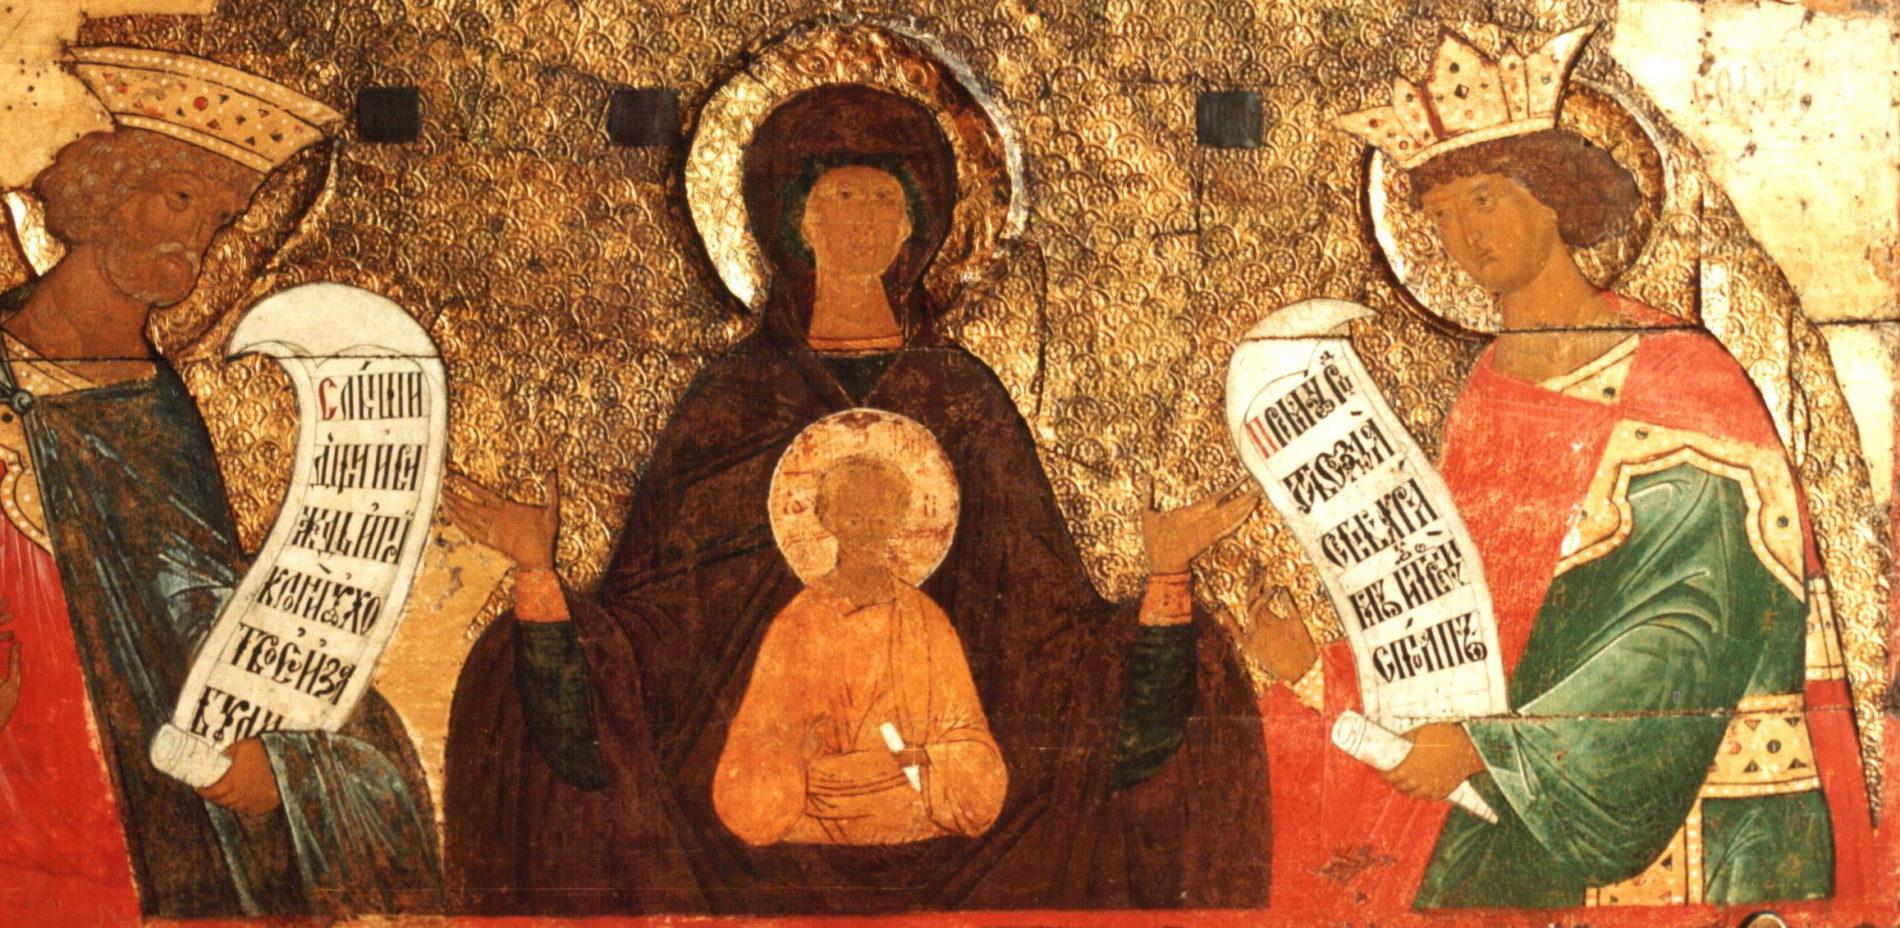 Виктор Кутковой. Икона Божией Матери «Знамение». « Иконописное отделение СПбДА